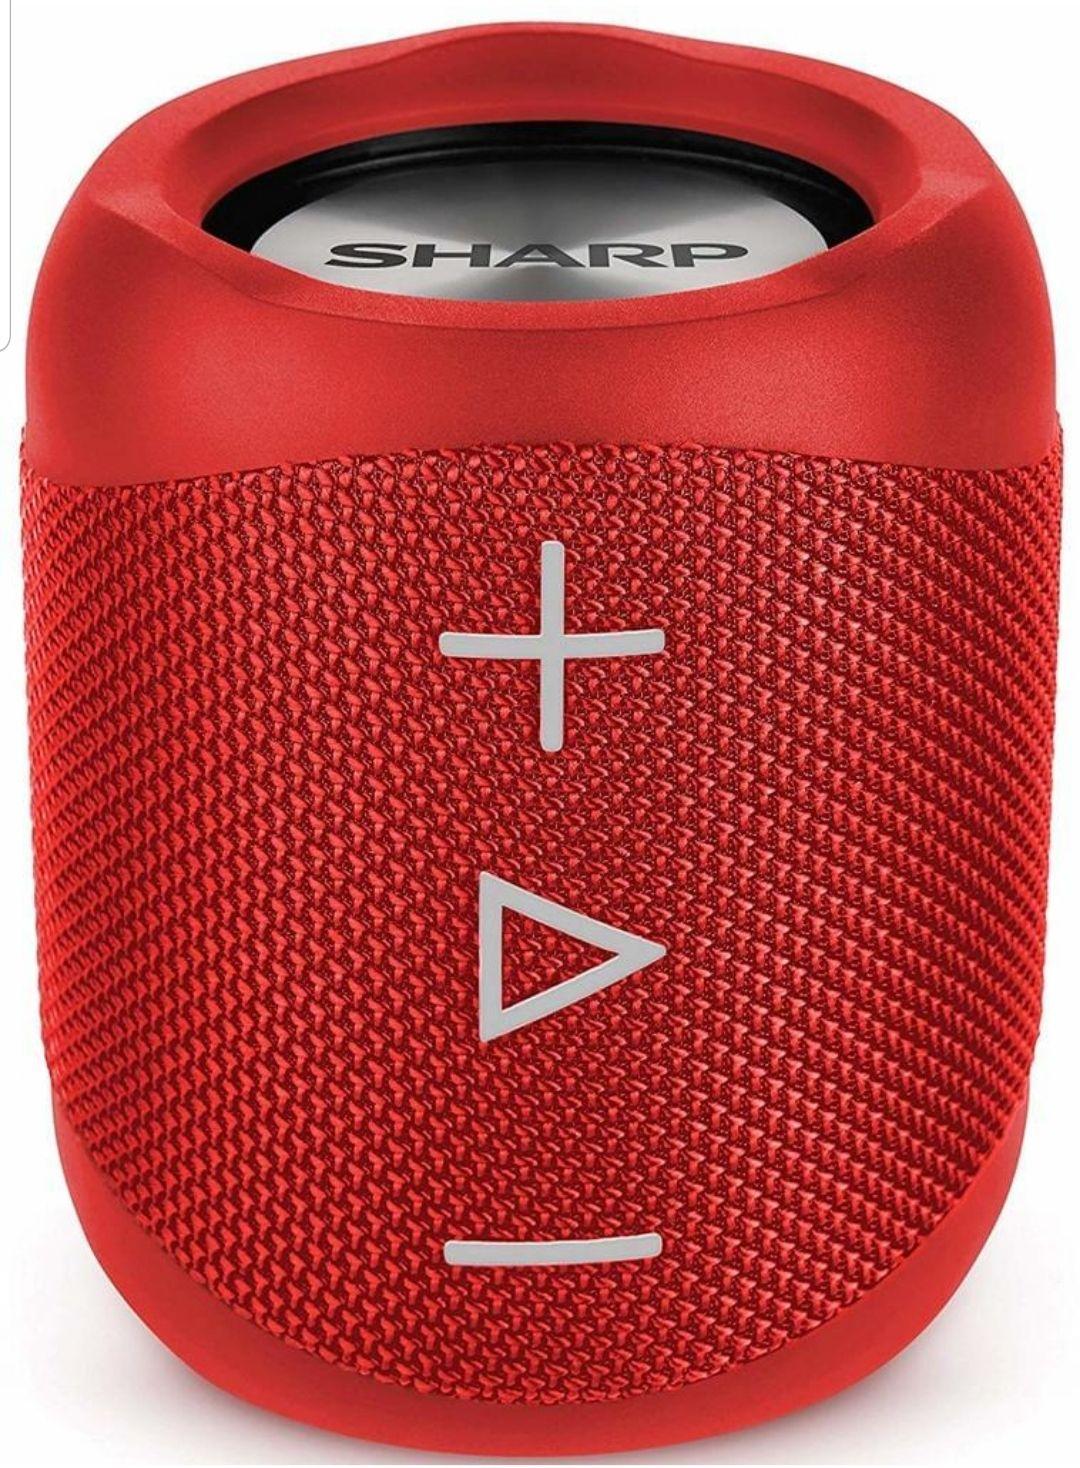 Sharp GX-BT180   Stereo Bluetooth Lautsprecher   Spritzwassergeschützt (IP56)   Sprachassistent (Google & Siri)   [Real & Amazon Prime]